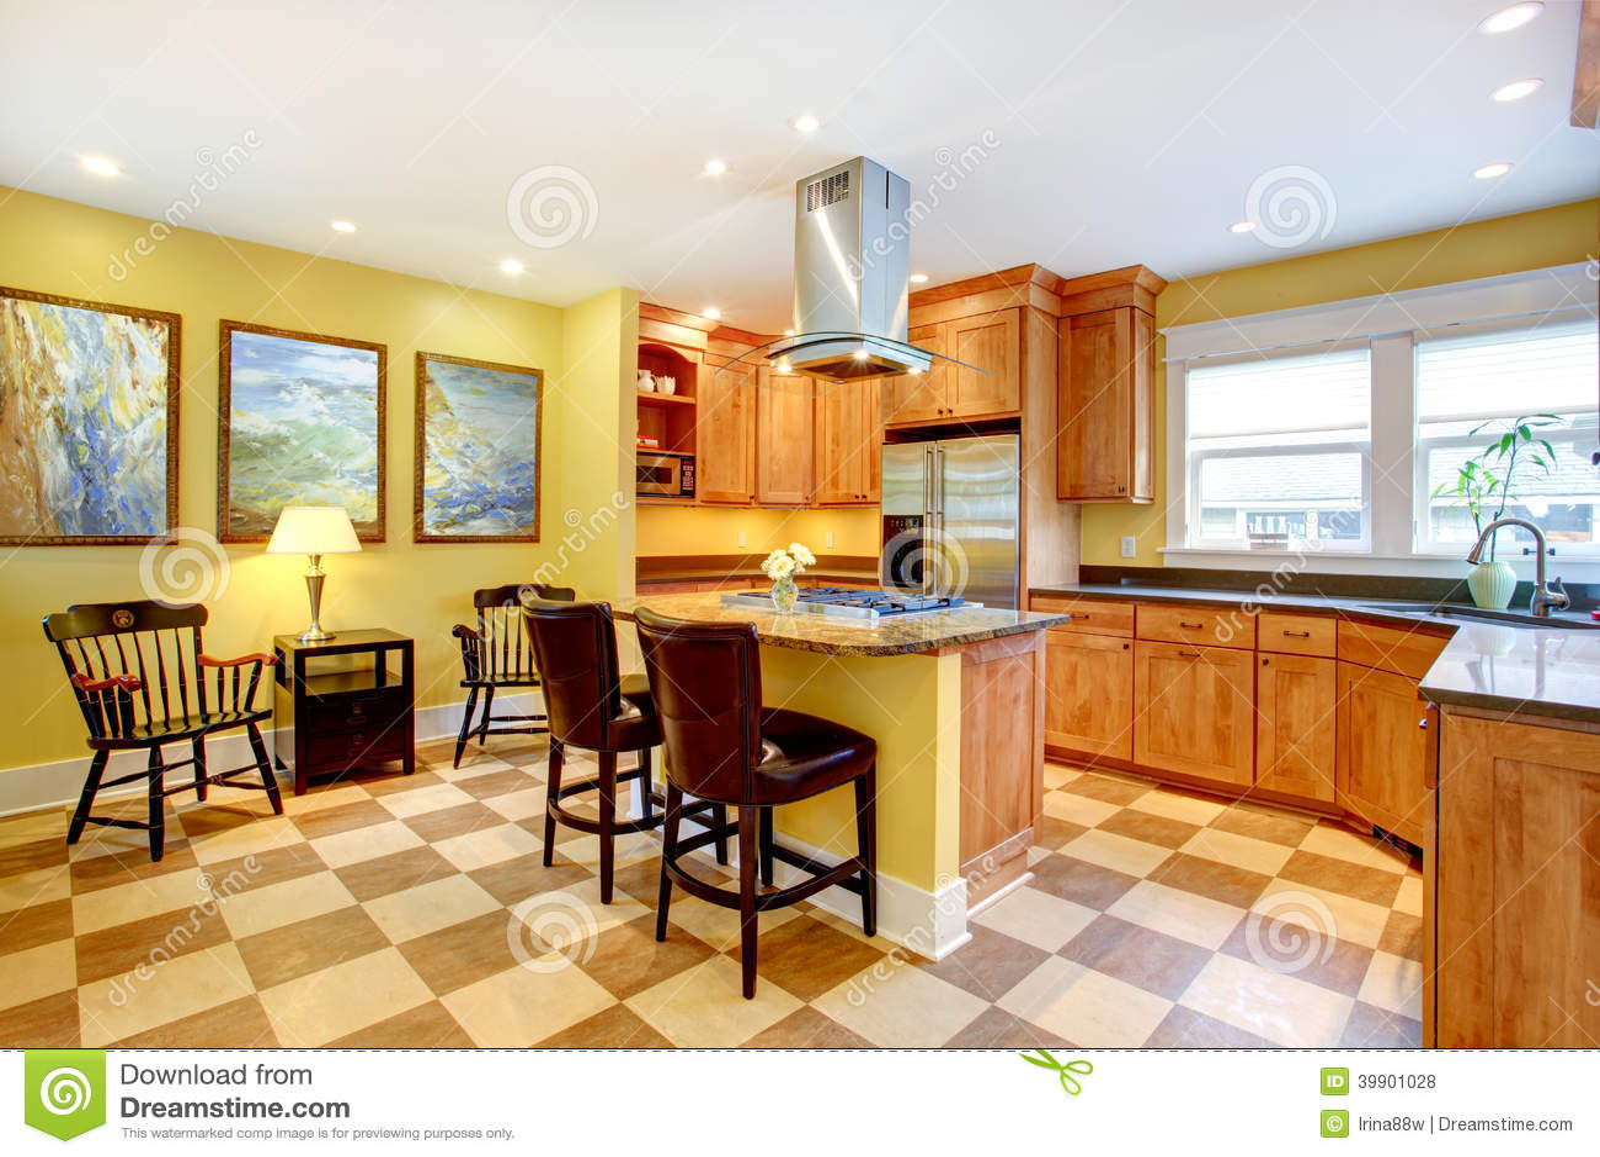 Pareti Gialle Per Cucina : Interno della cucina pareti gialle e pavimento